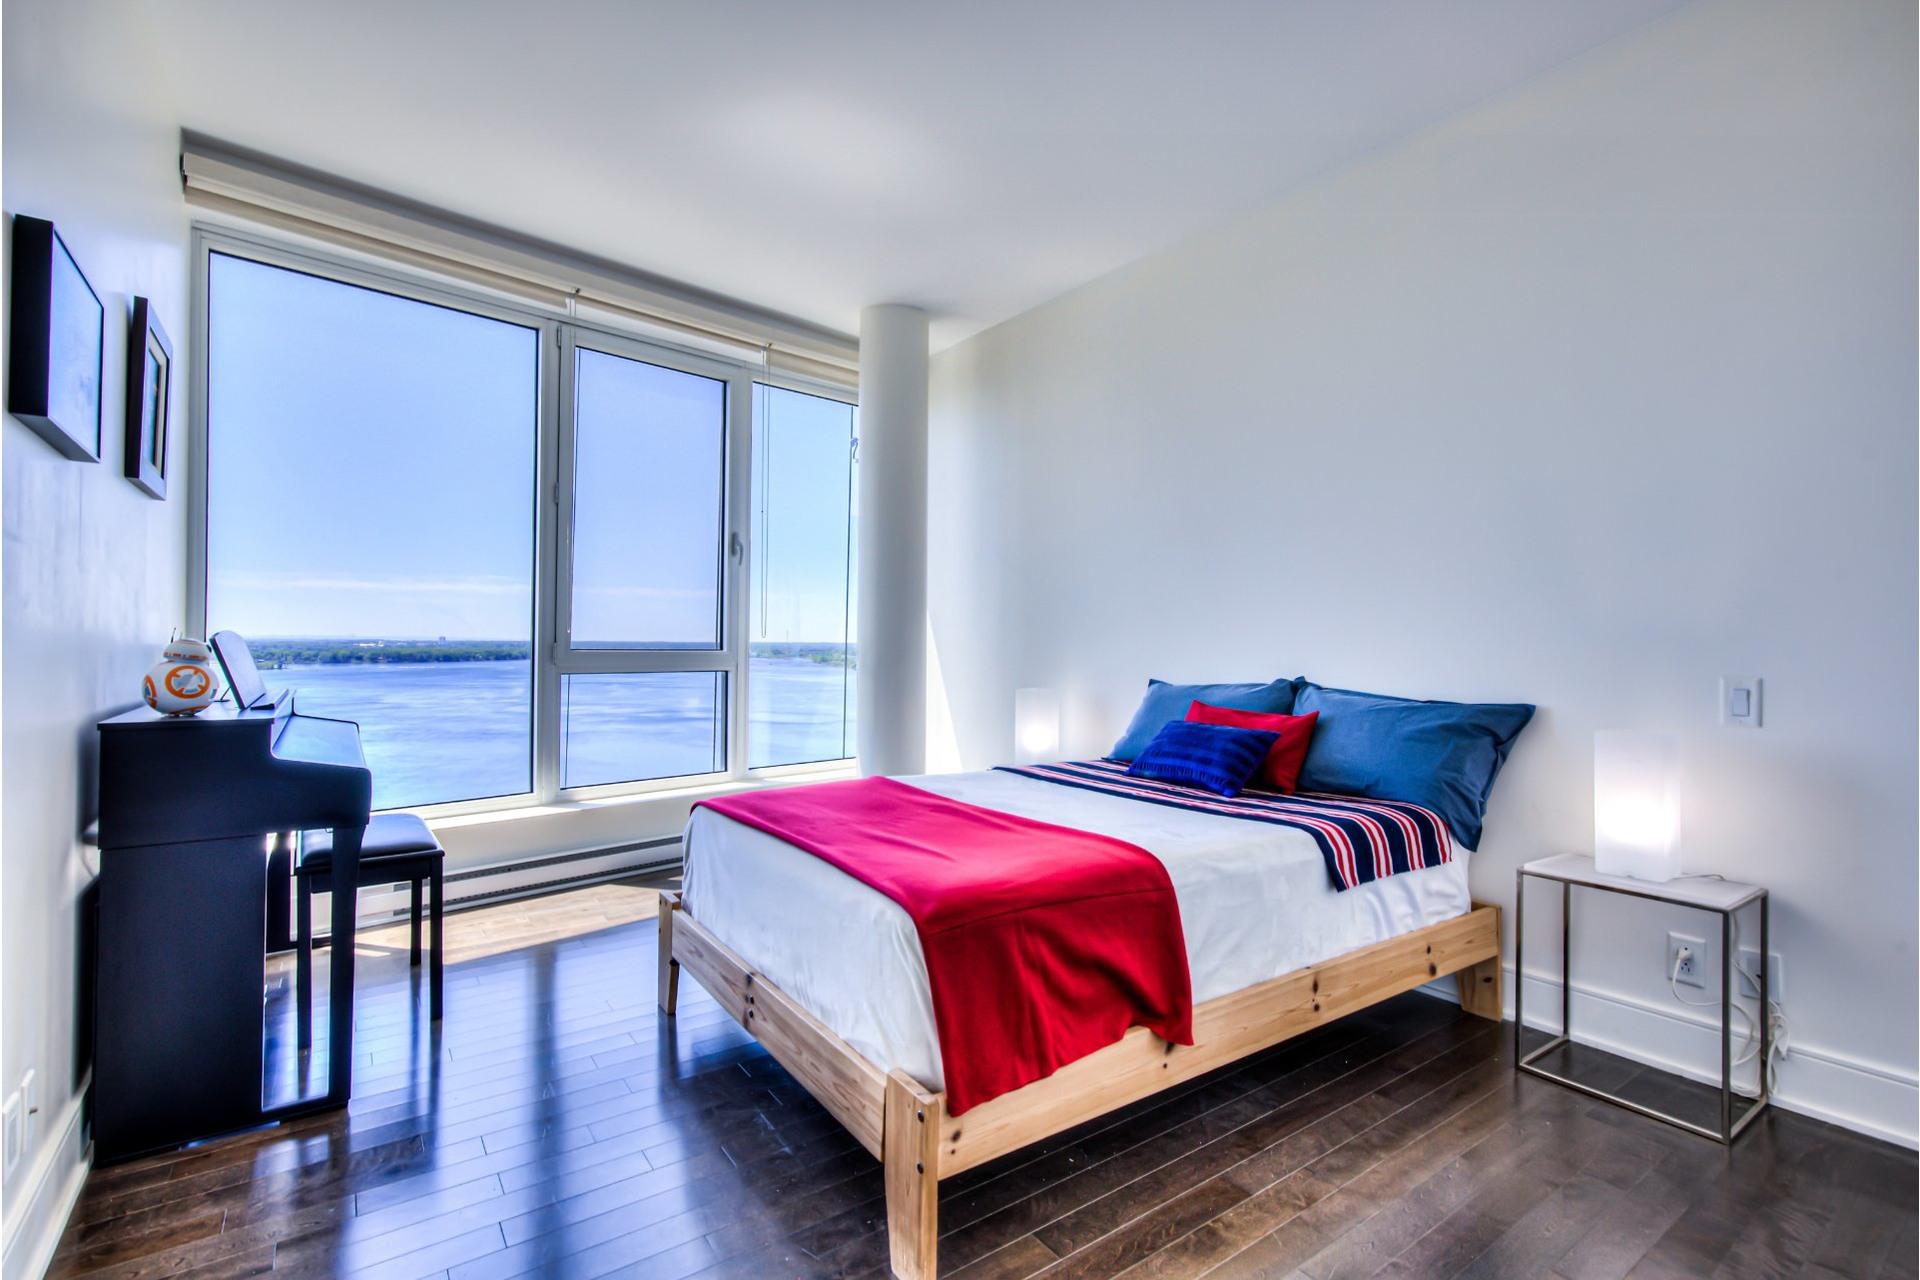 image 28 - Appartement À vendre Verdun/Île-des-Soeurs Montréal  - 11 pièces